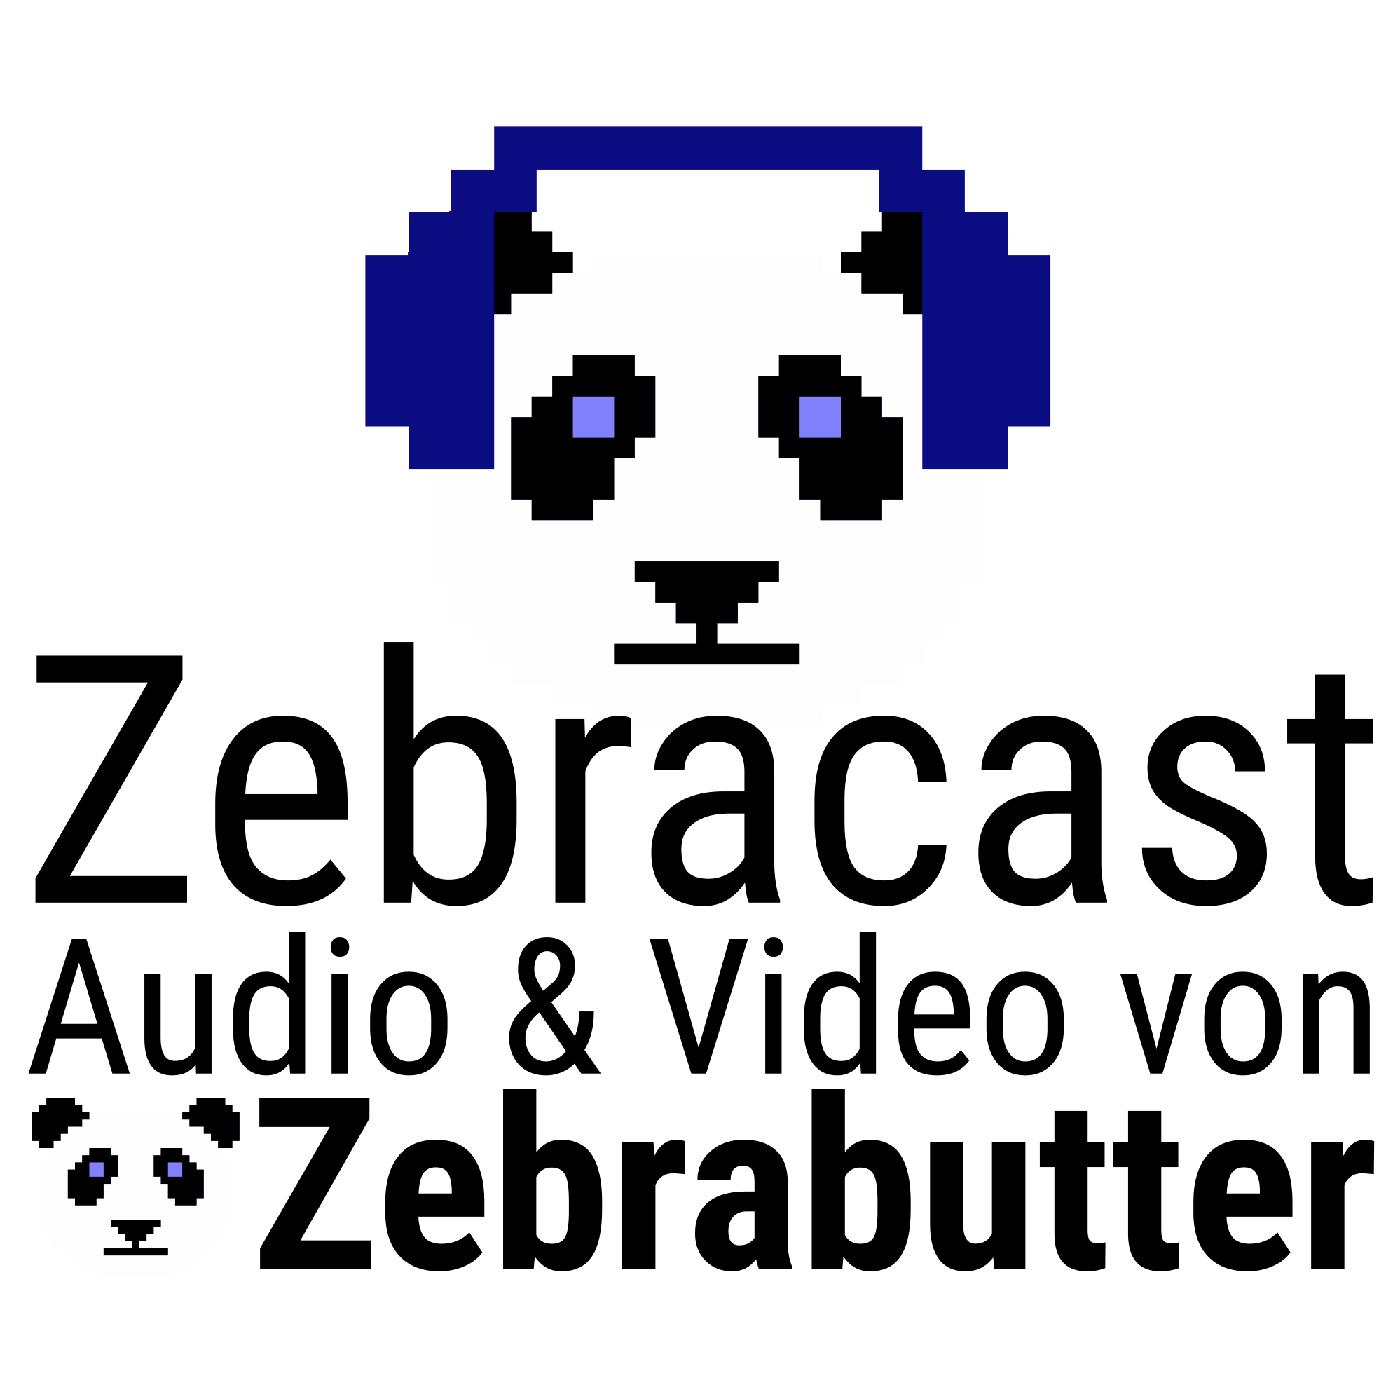 Zebrabutter